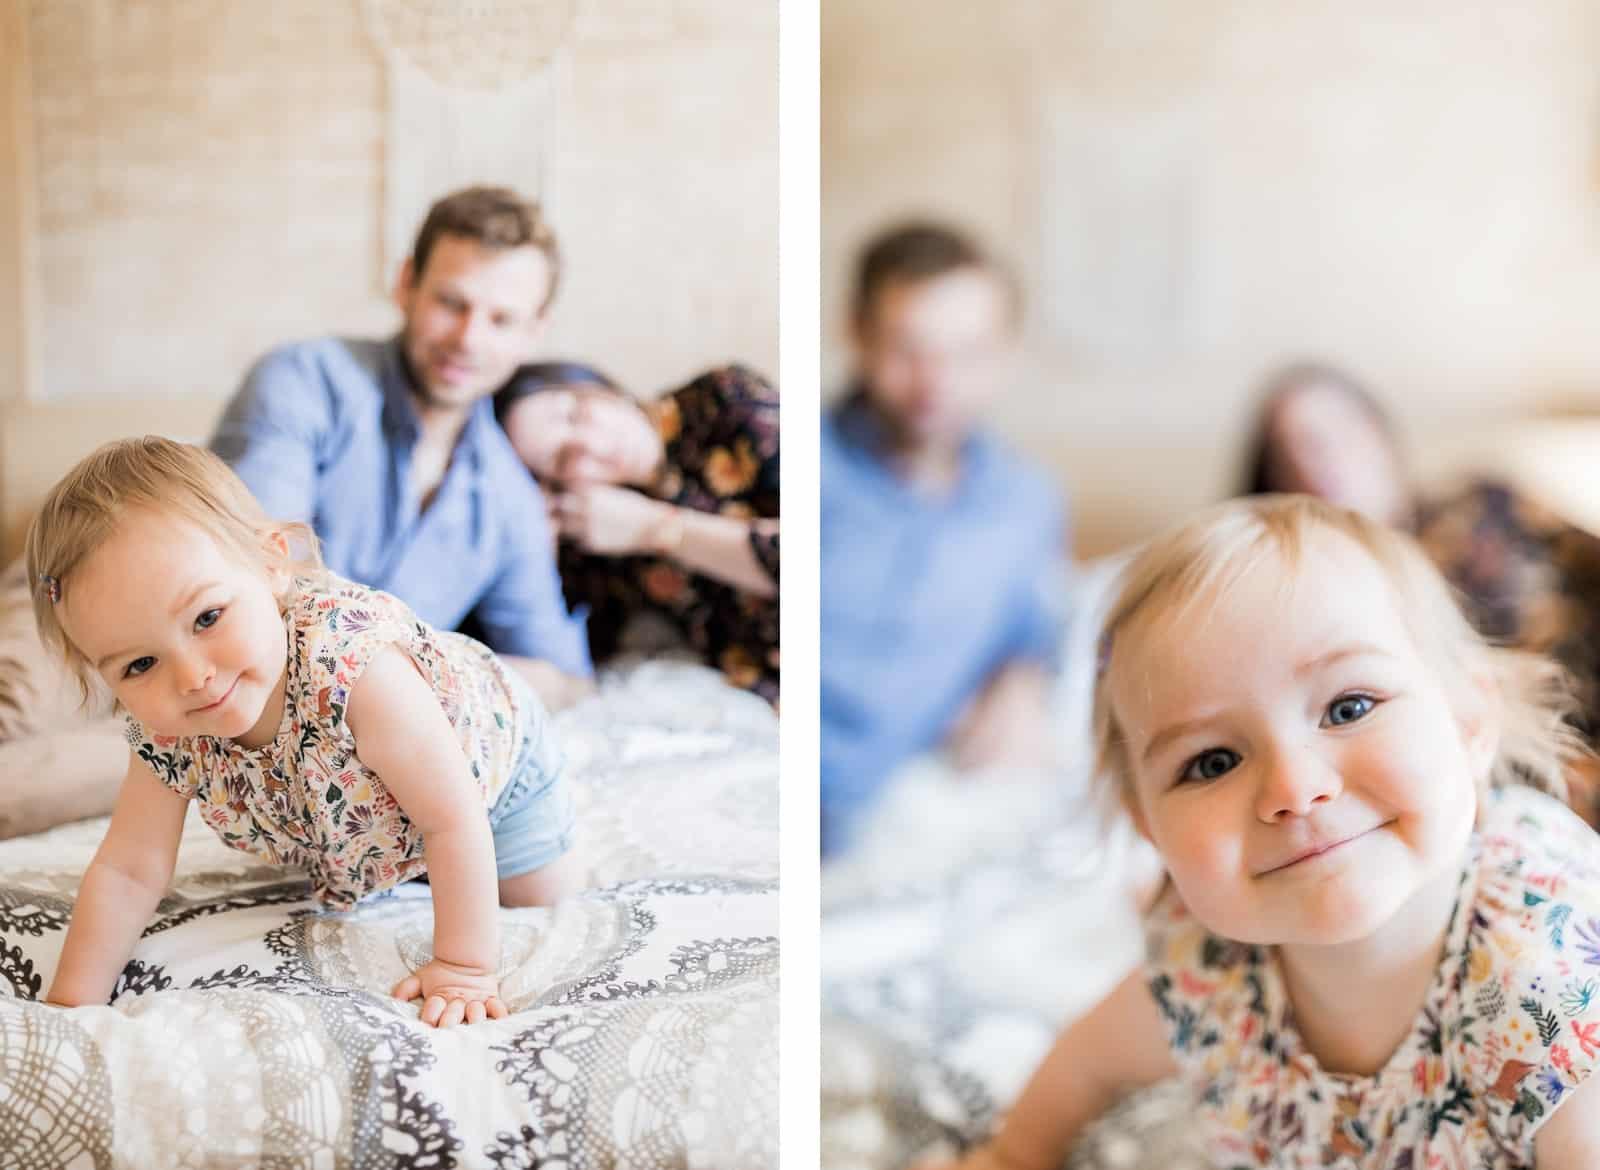 Photographie de Mathieu Dété, photographe de famille, présentant une petite fille sur le lit de ses parents